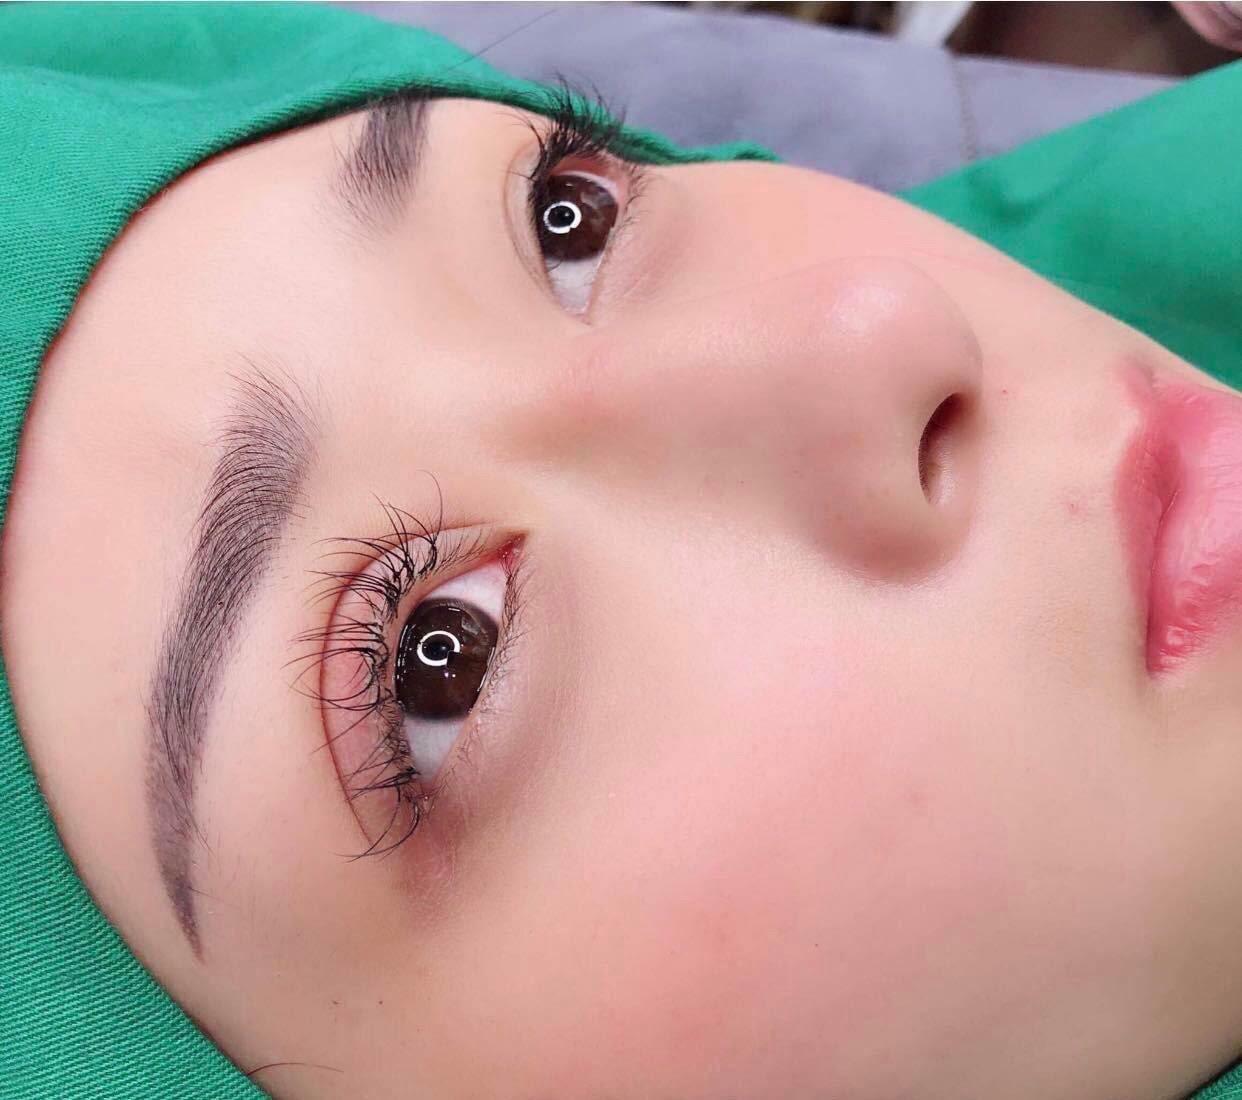 Cắt mí mắt chỉ là 1 tiểu phẫu nhỏ nhưng lại mang đến hiệu quả thẩm mỹ rất cao